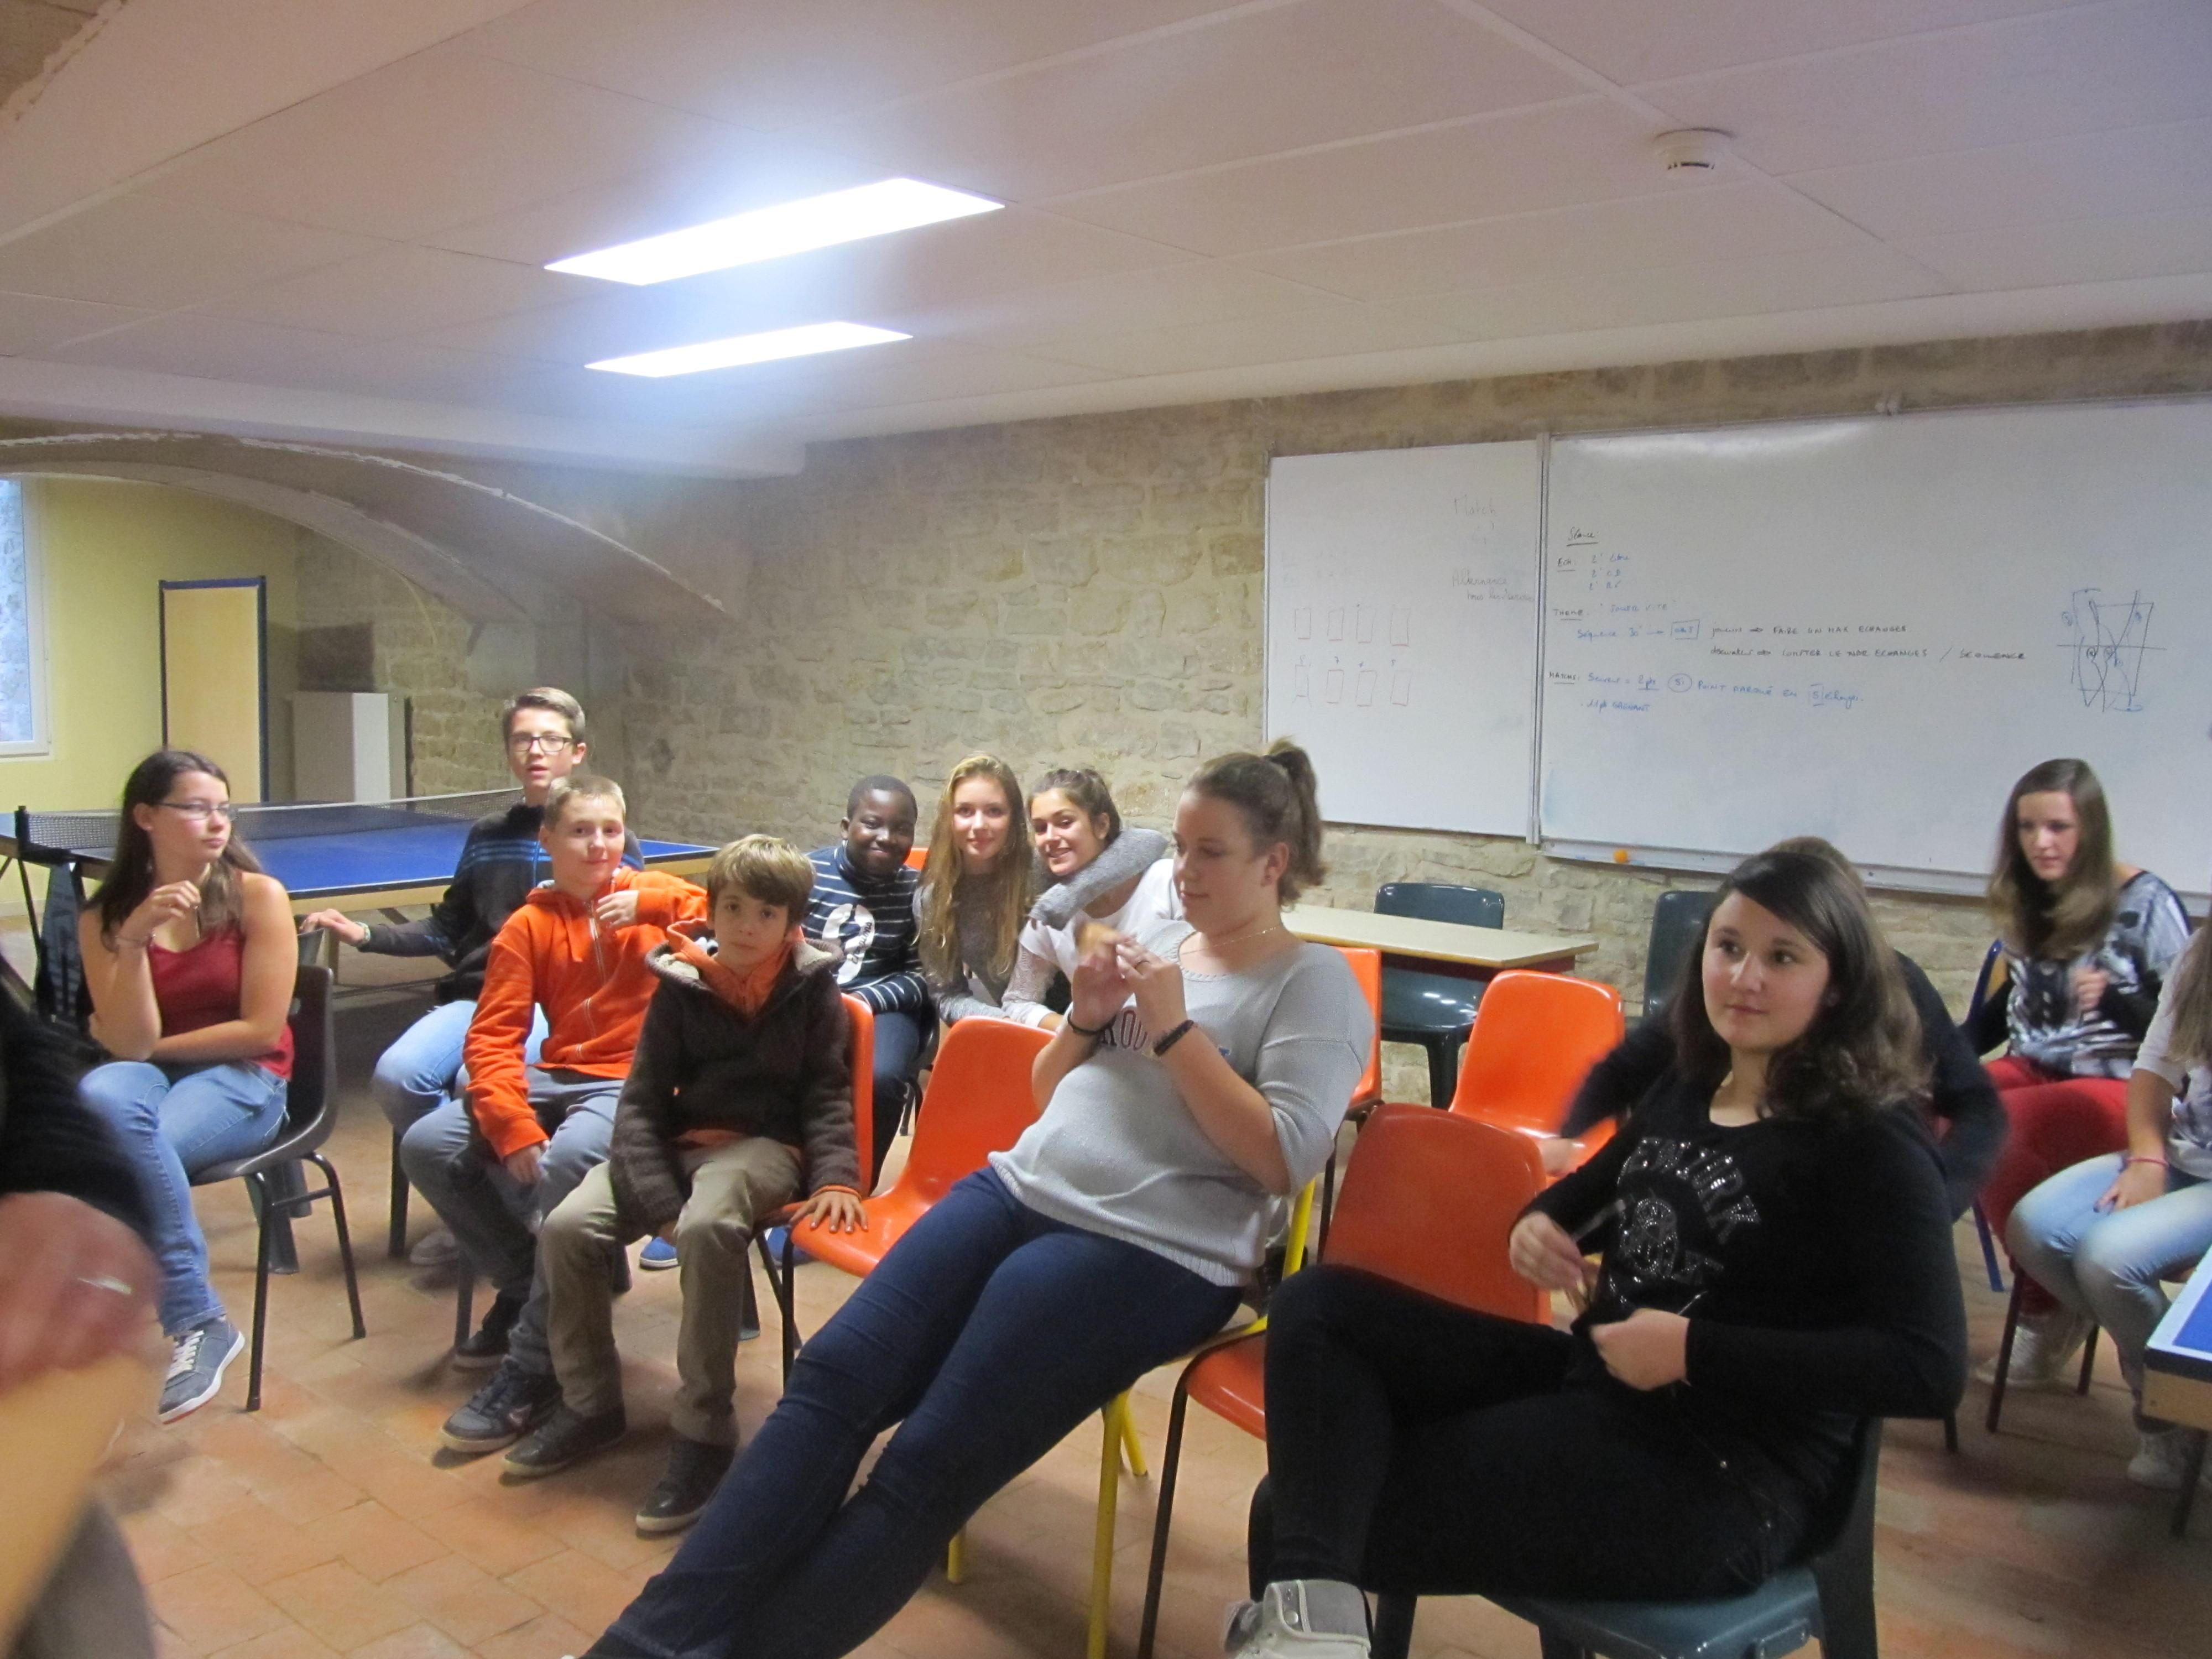 Espace BTP revient en septembre Bourg-en-Bresse